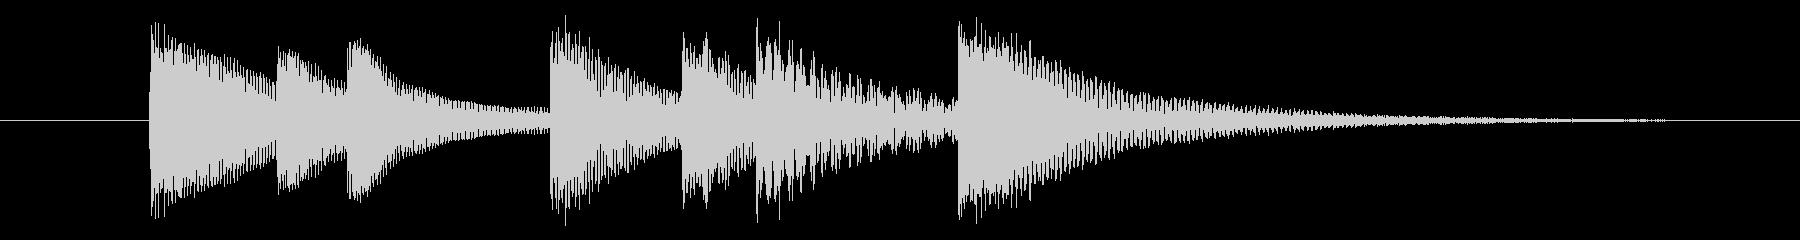 木琴でシンプルなサウンドロゴ・ジングルの未再生の波形